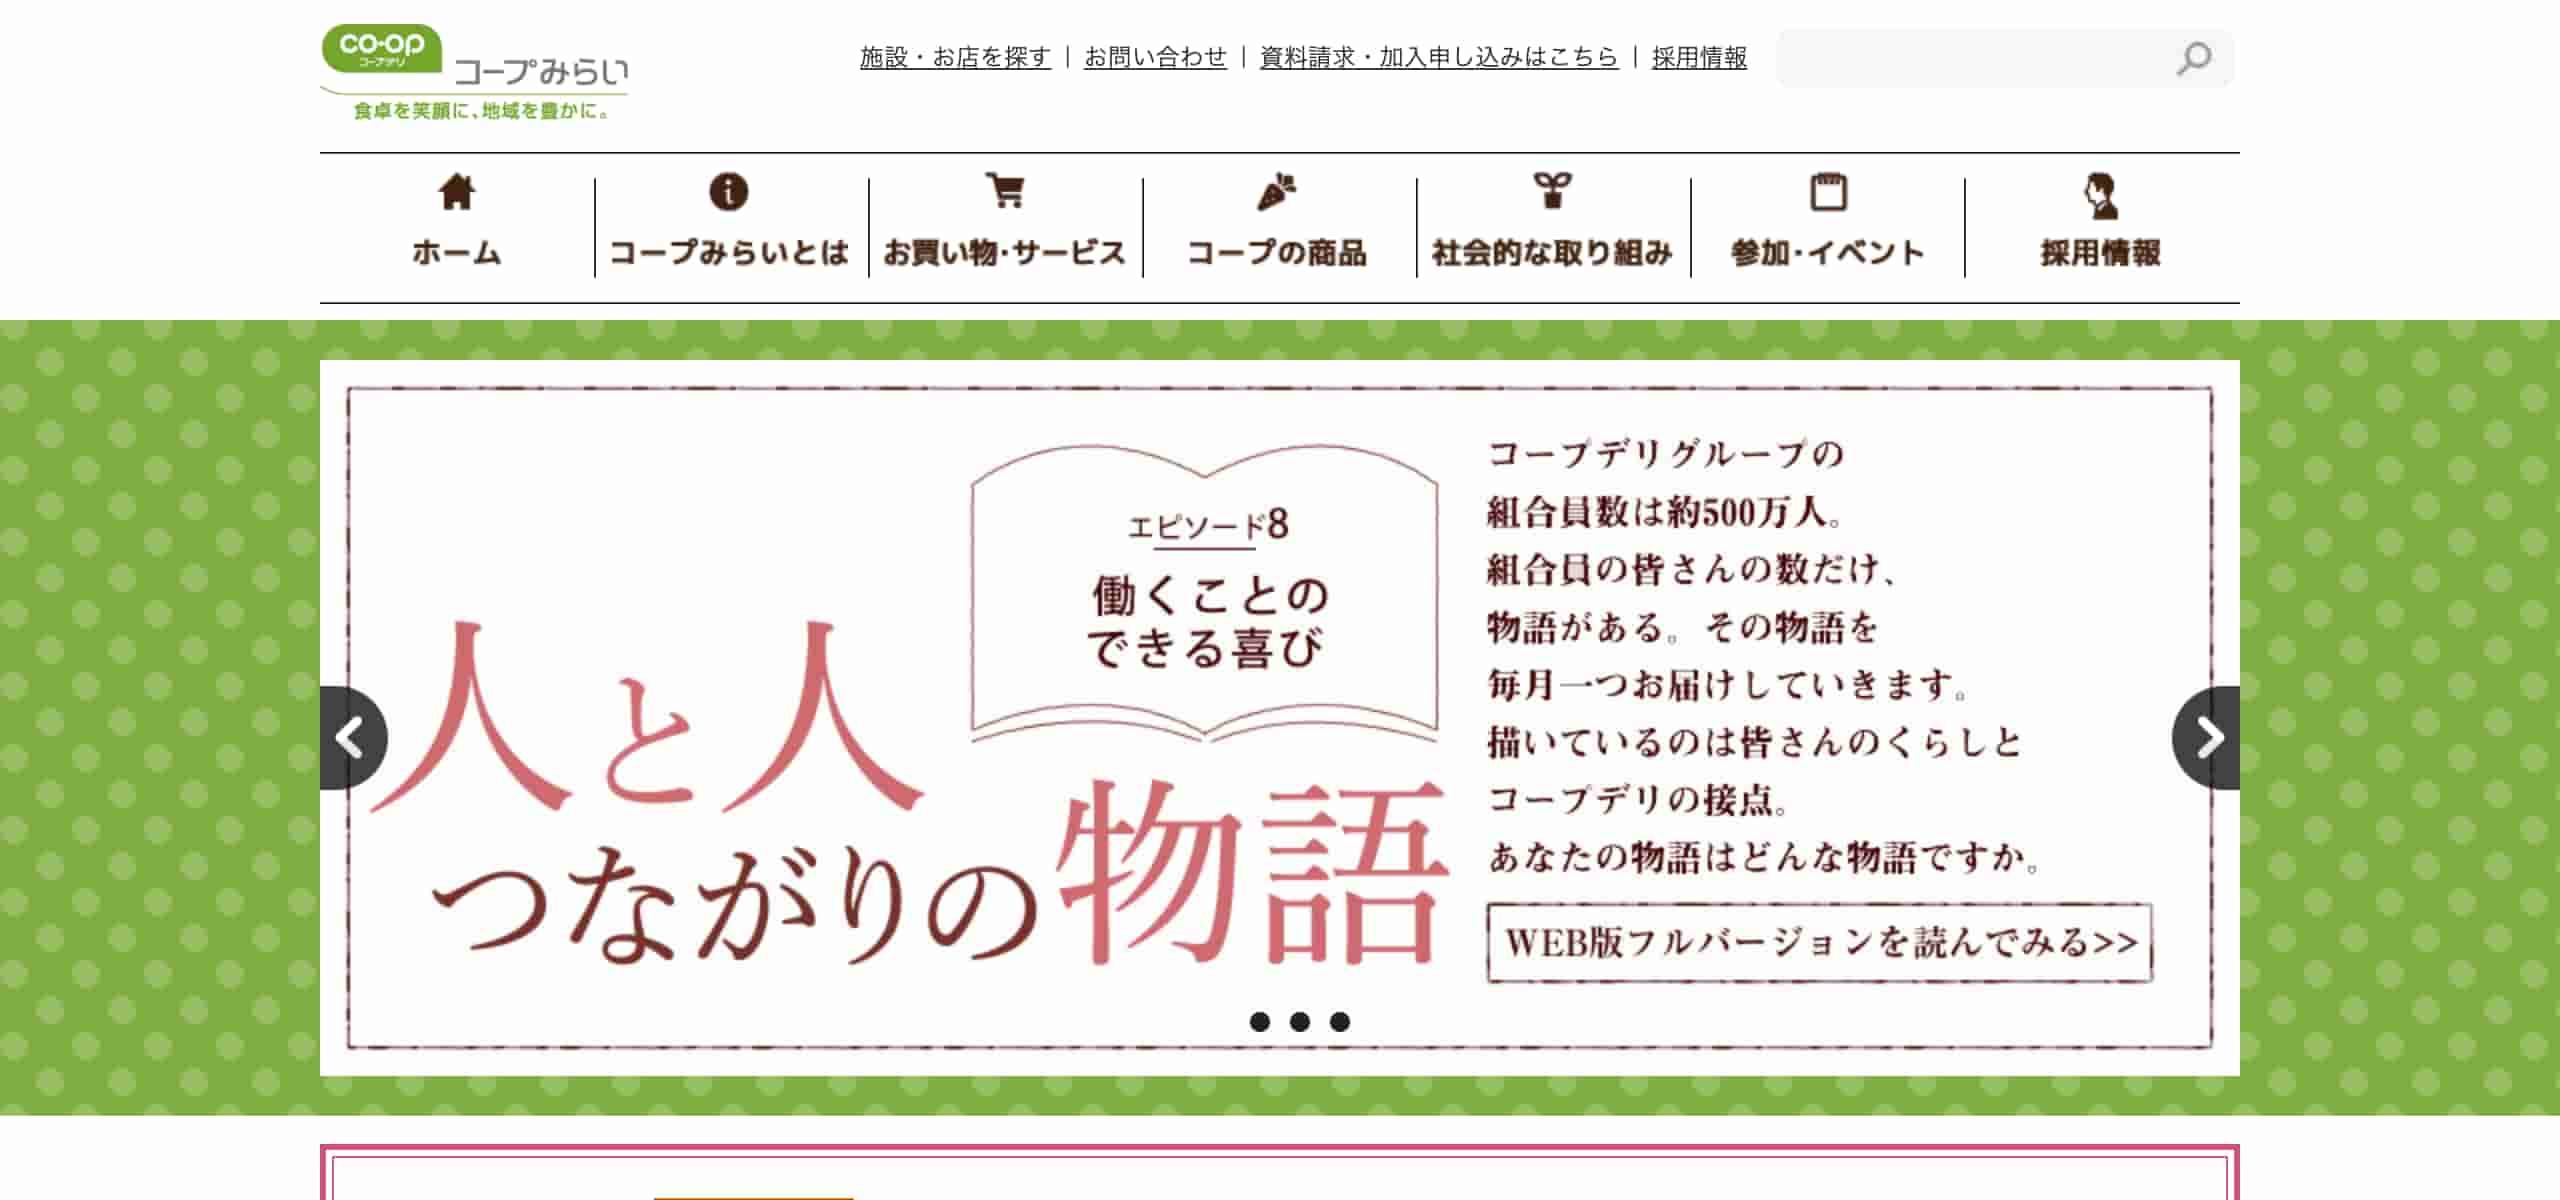 生活協同組合コープみらい(千葉県)